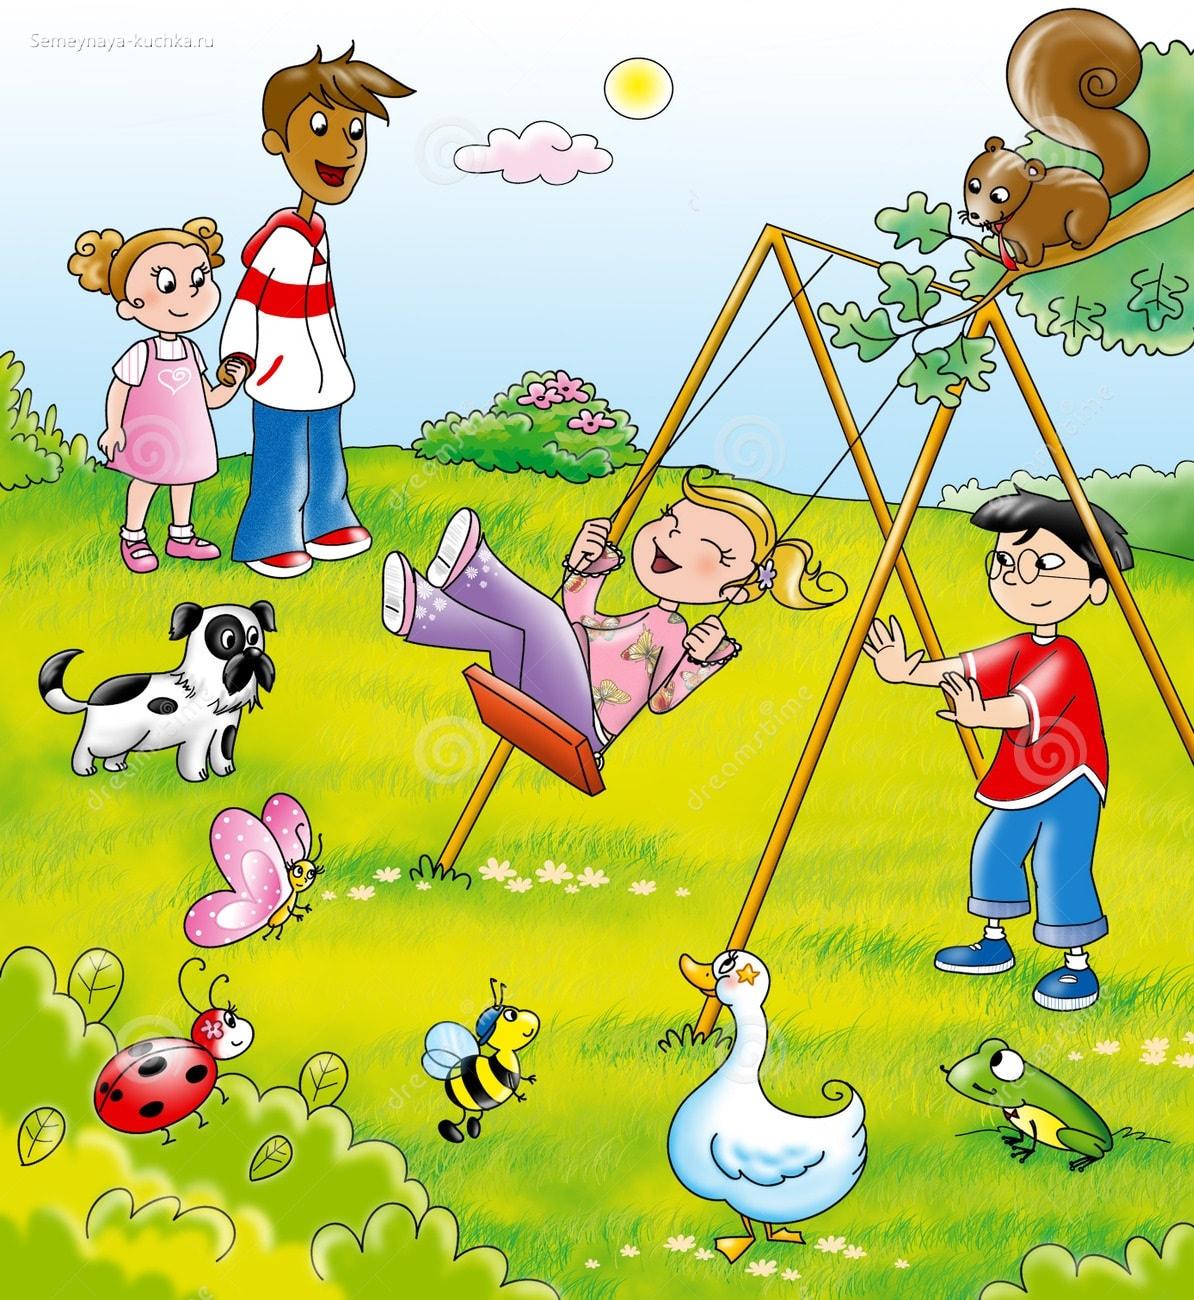 картинка дети катаются на качелях